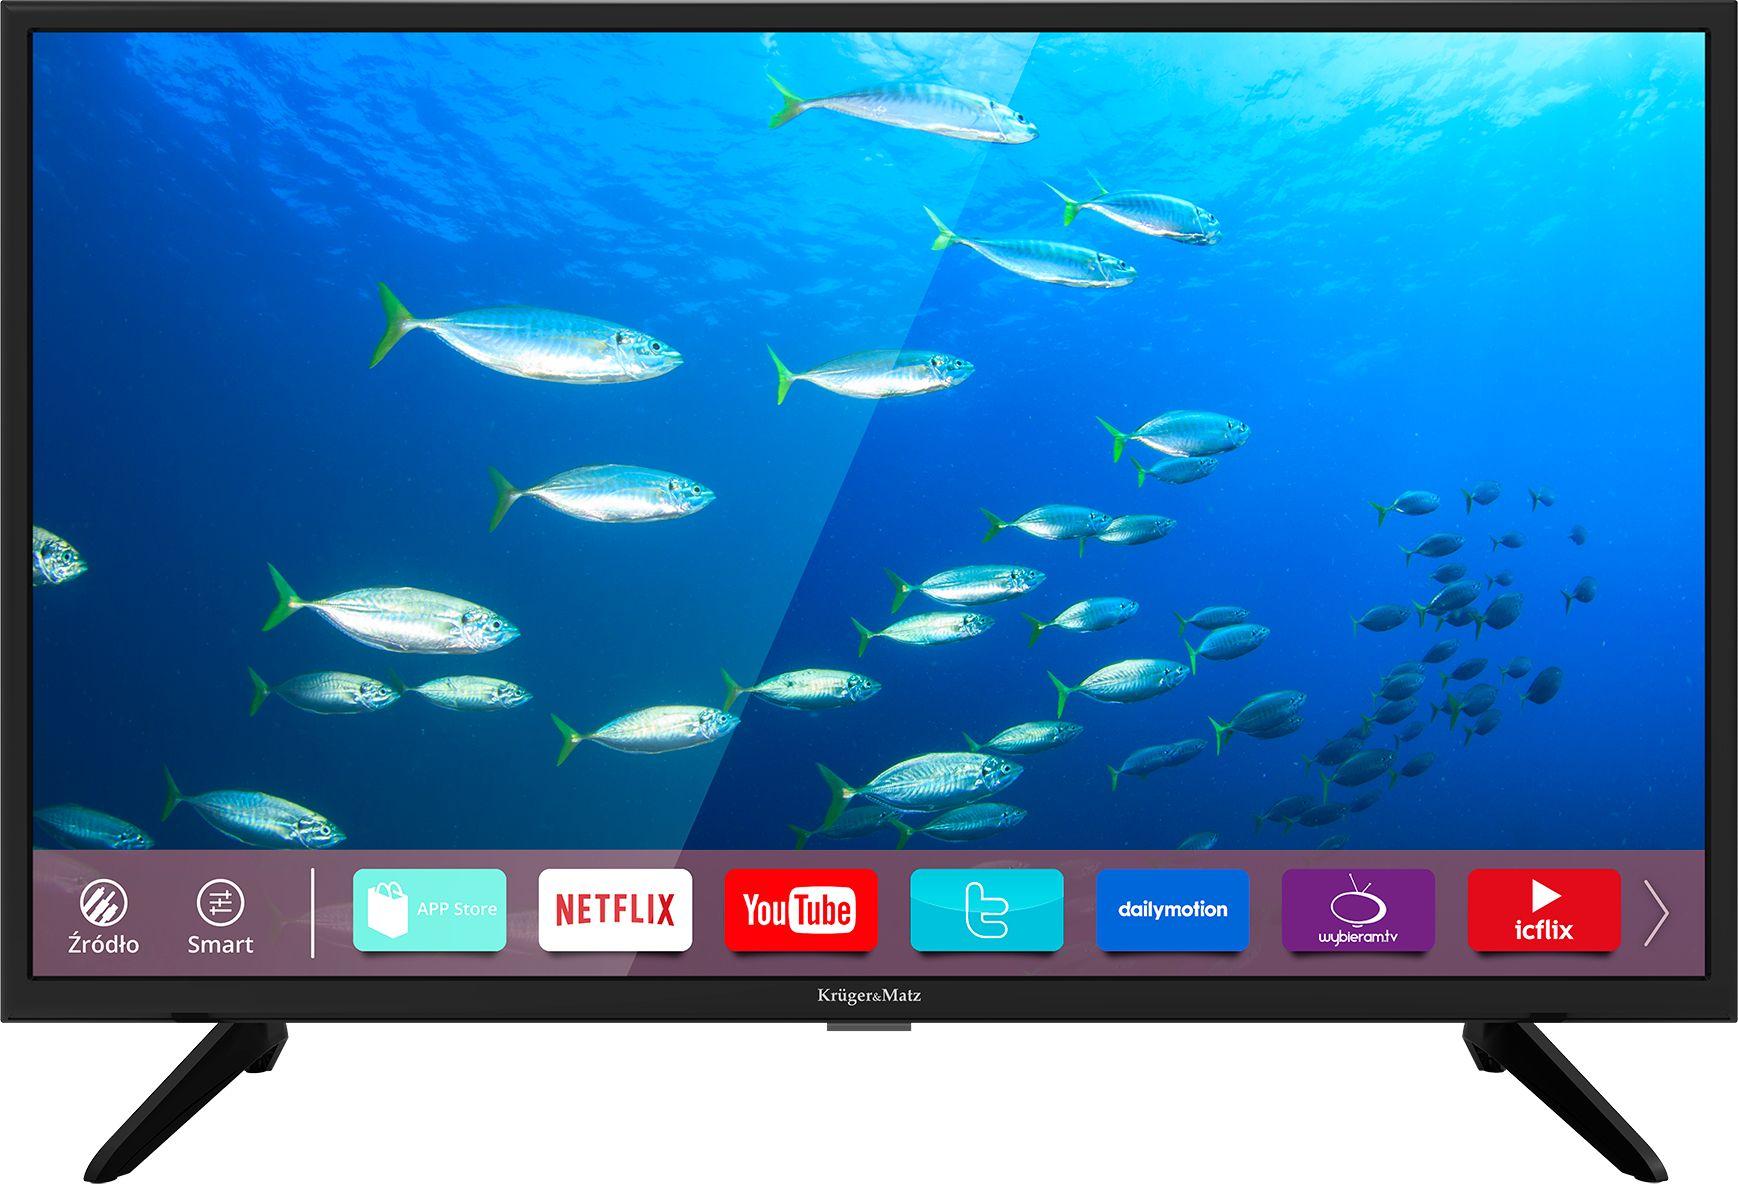 Kruger&Matz 32 KM0232-S Smart TV, NETFLIX